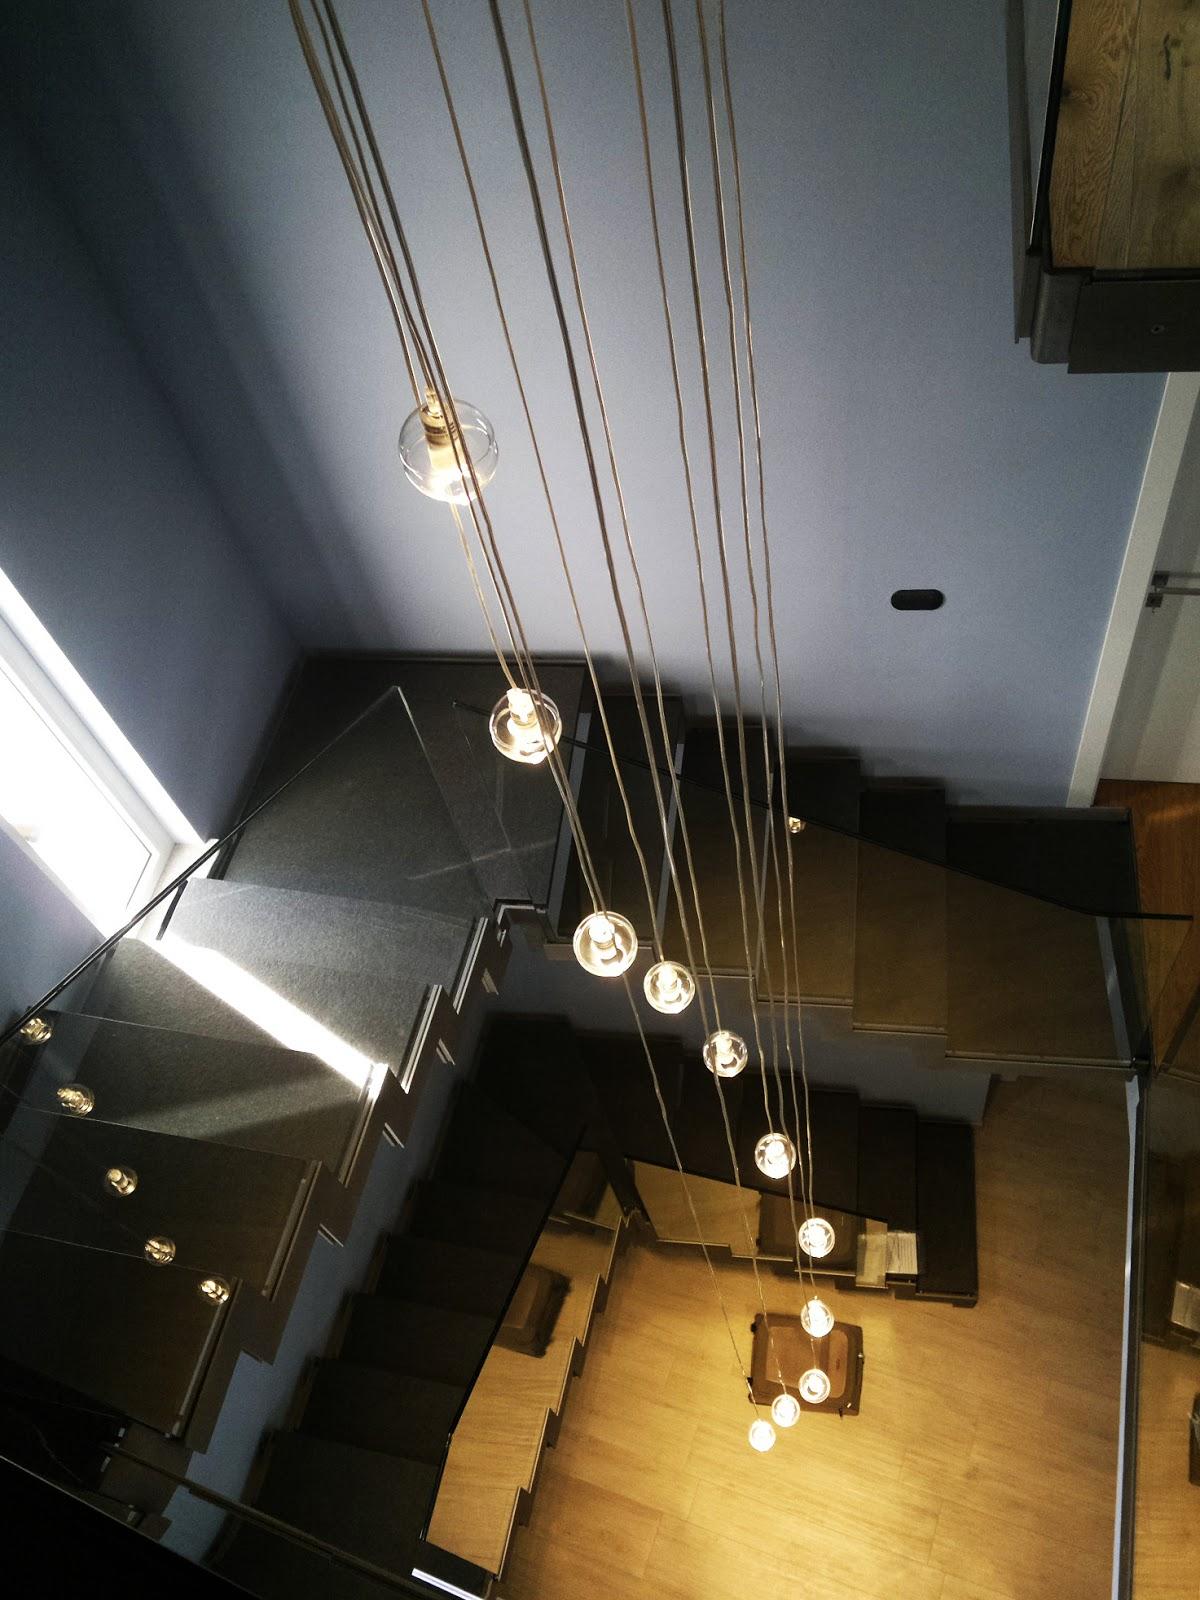 Illuminazione Led casa: Roddi - Illuminazione Led nuova residenziale